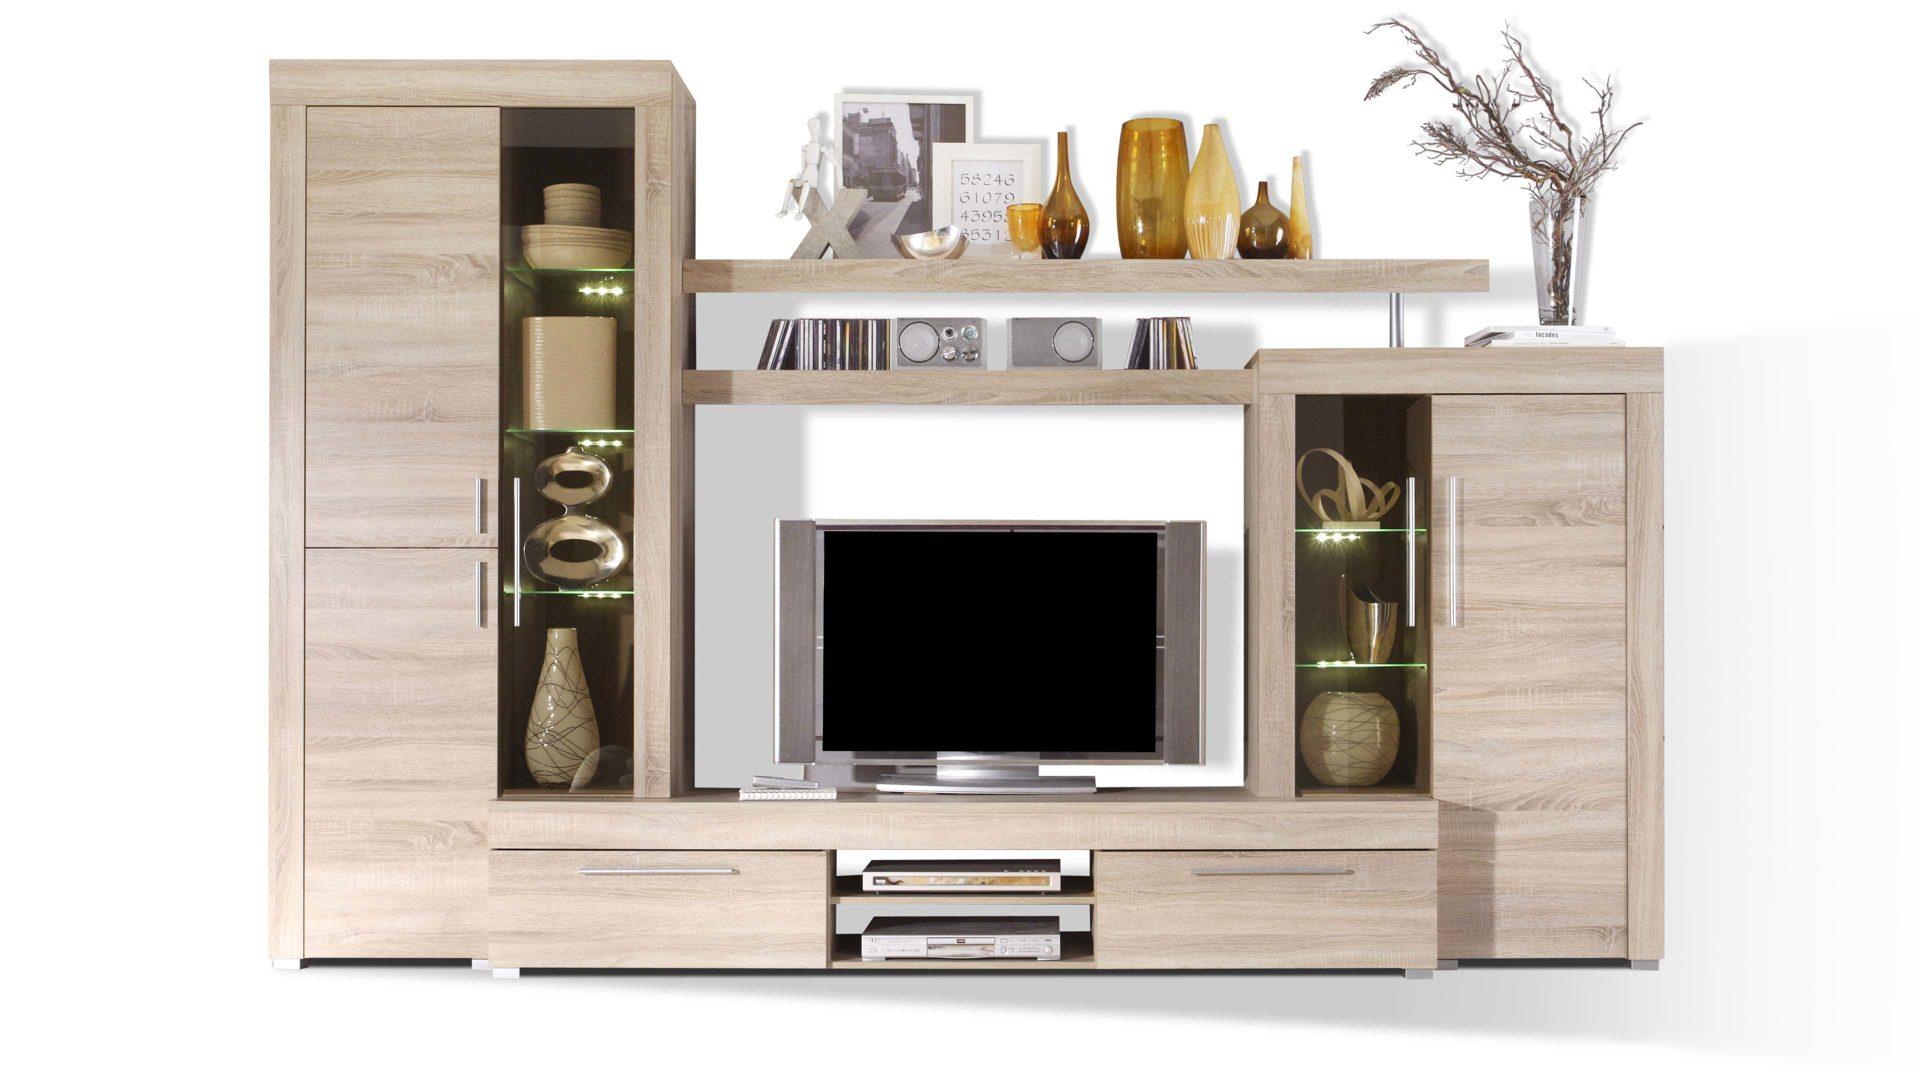 Wohnwand als Wohnzimmermöbel mit individueller Note, Eiche-Sägerau ...